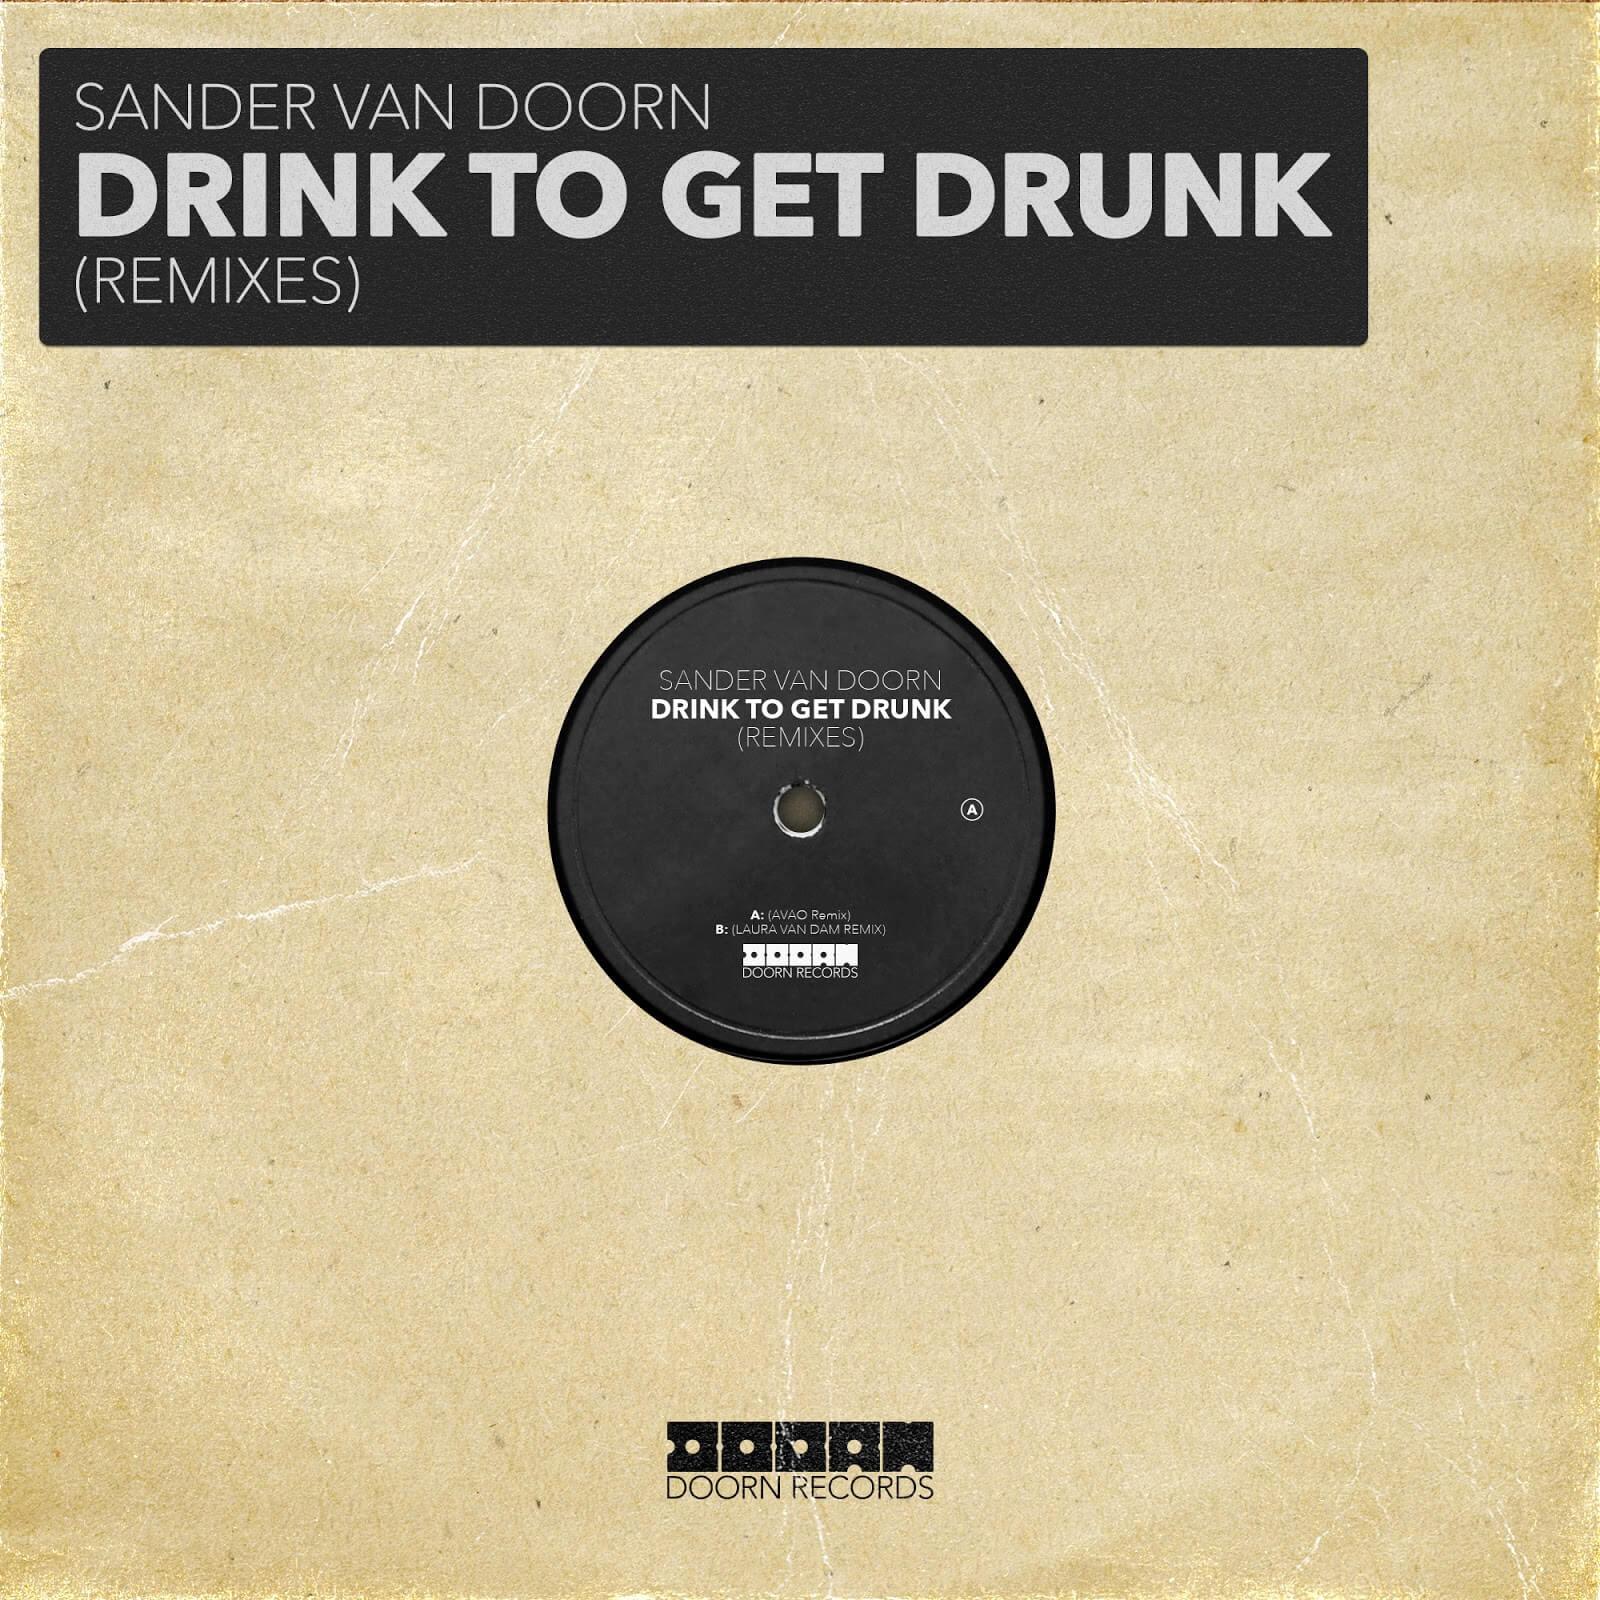 'Drink To Get Drunk' by Sander Van Doorn will never die!